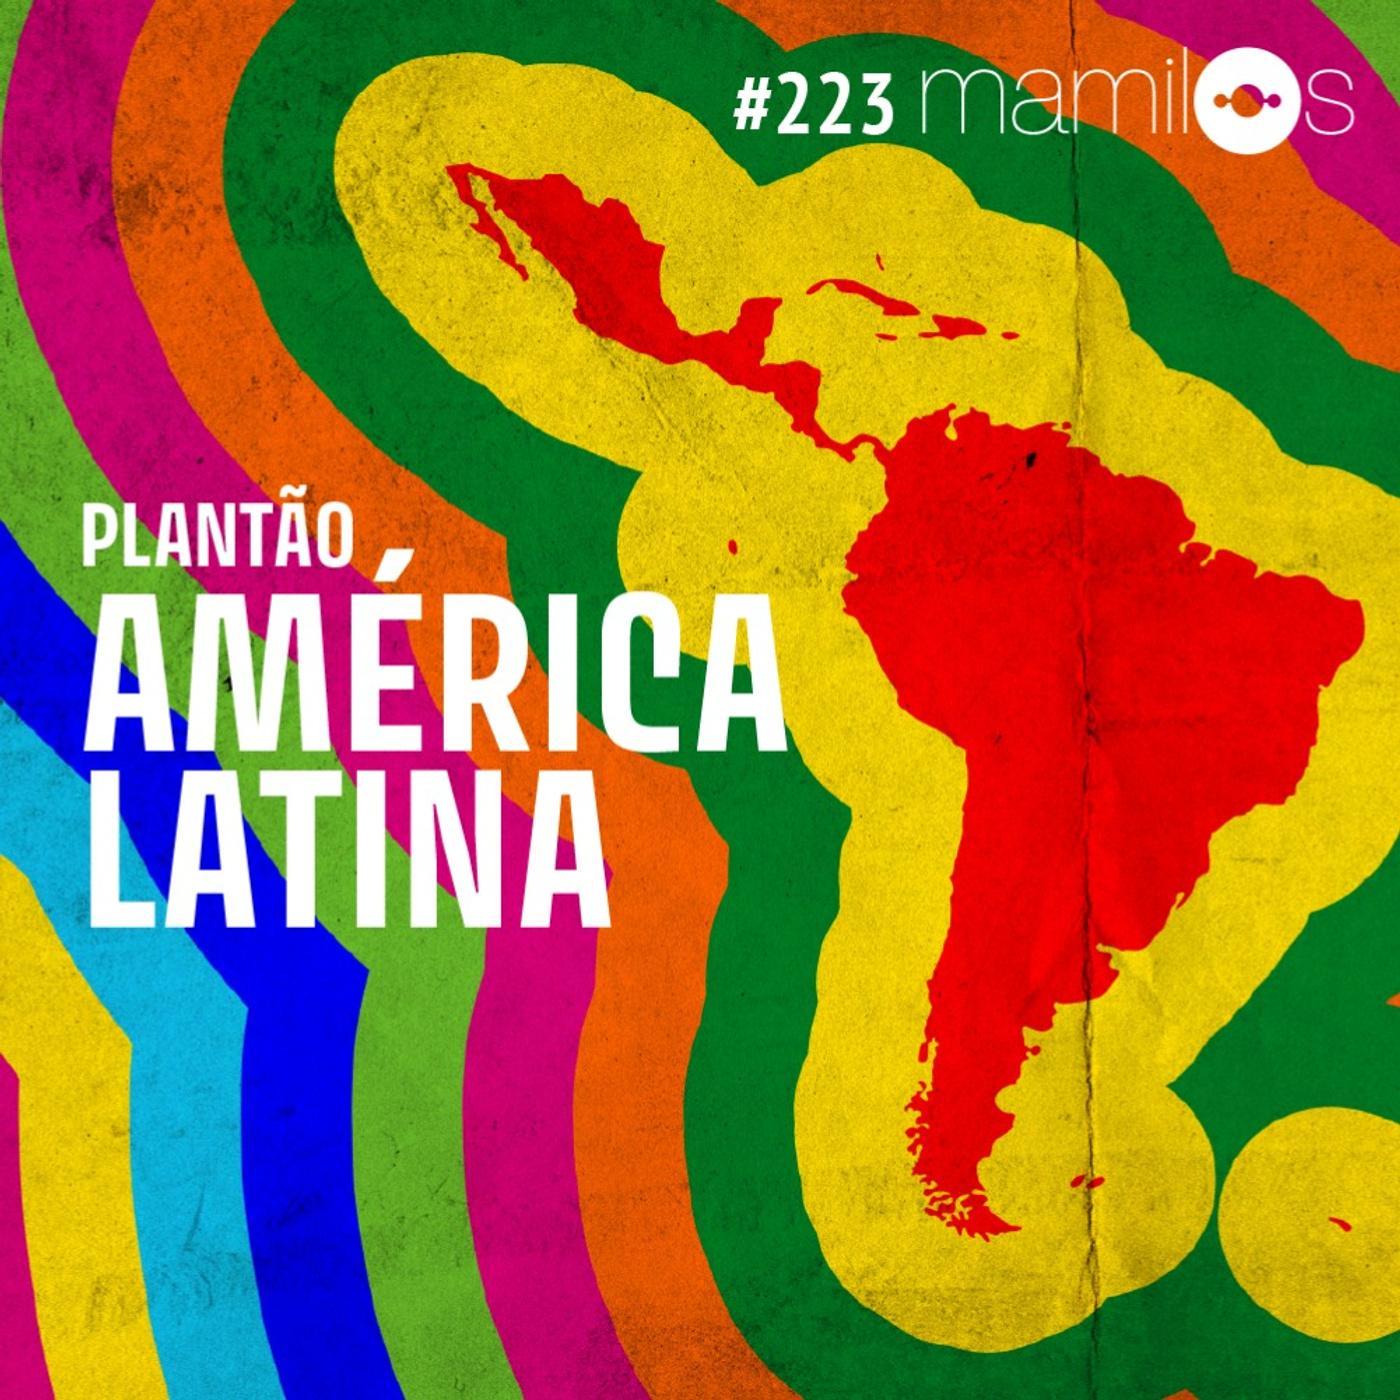 Plantão América Latina